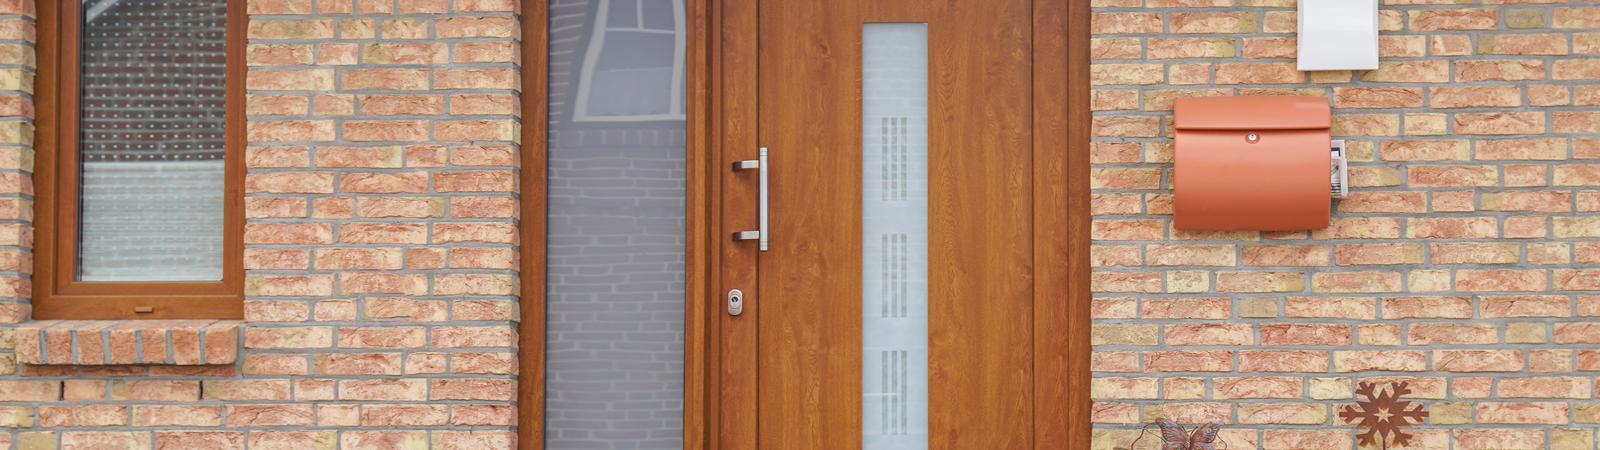 Beste Upvc Tür Und Rahmen Preis Ideen - Benutzerdefinierte ...